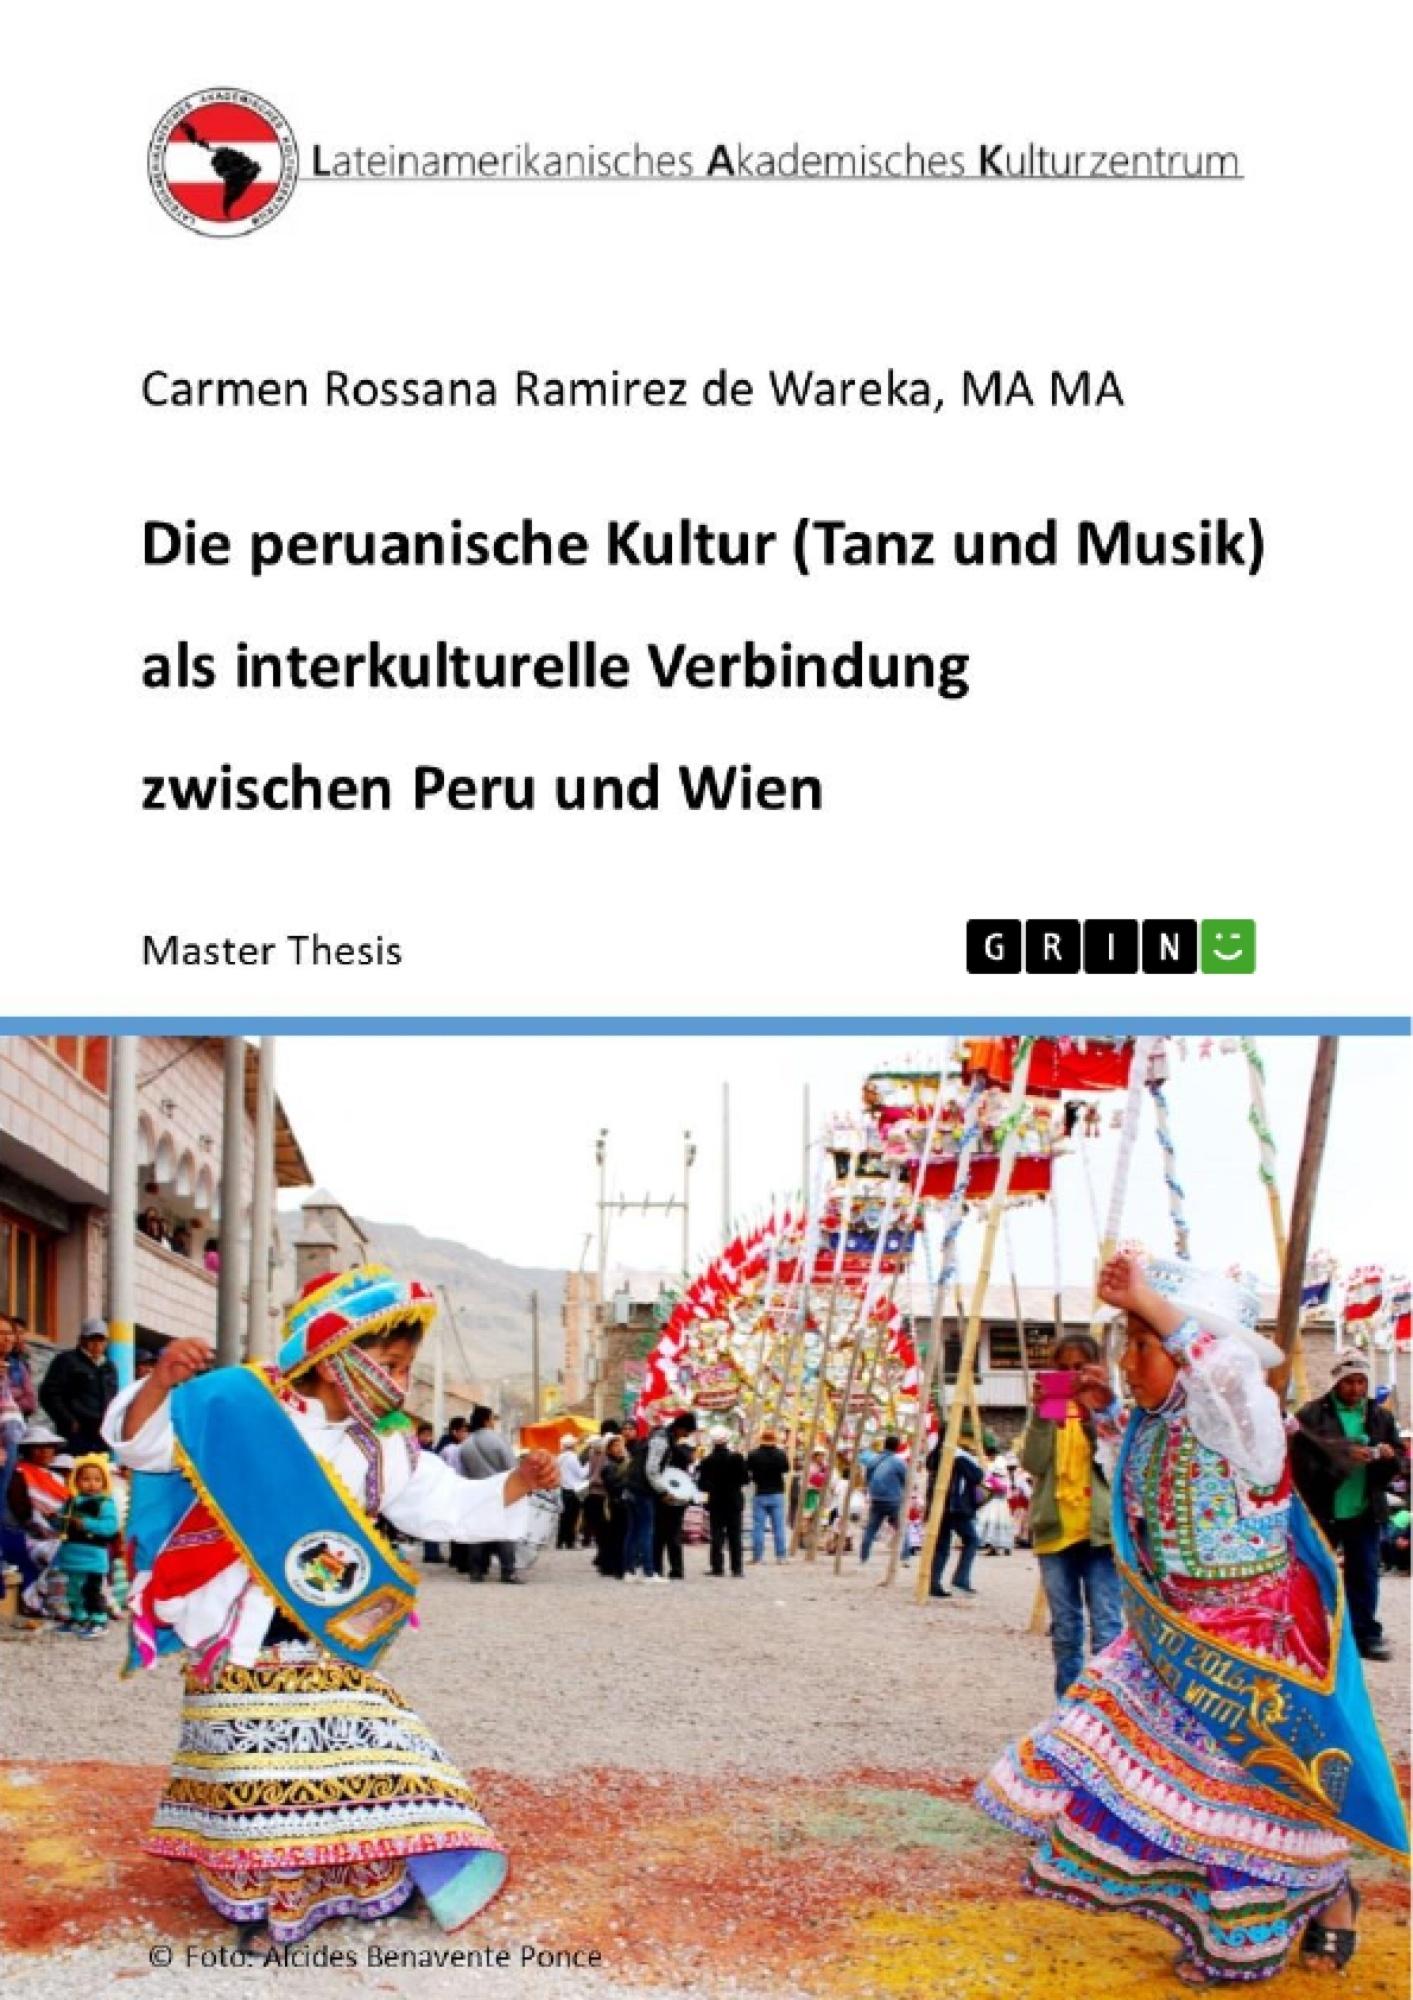 Titel: Die peruanische Kultur (Tanz und Musik) als interkulturelle Verbindung zwischen Peru und Wien